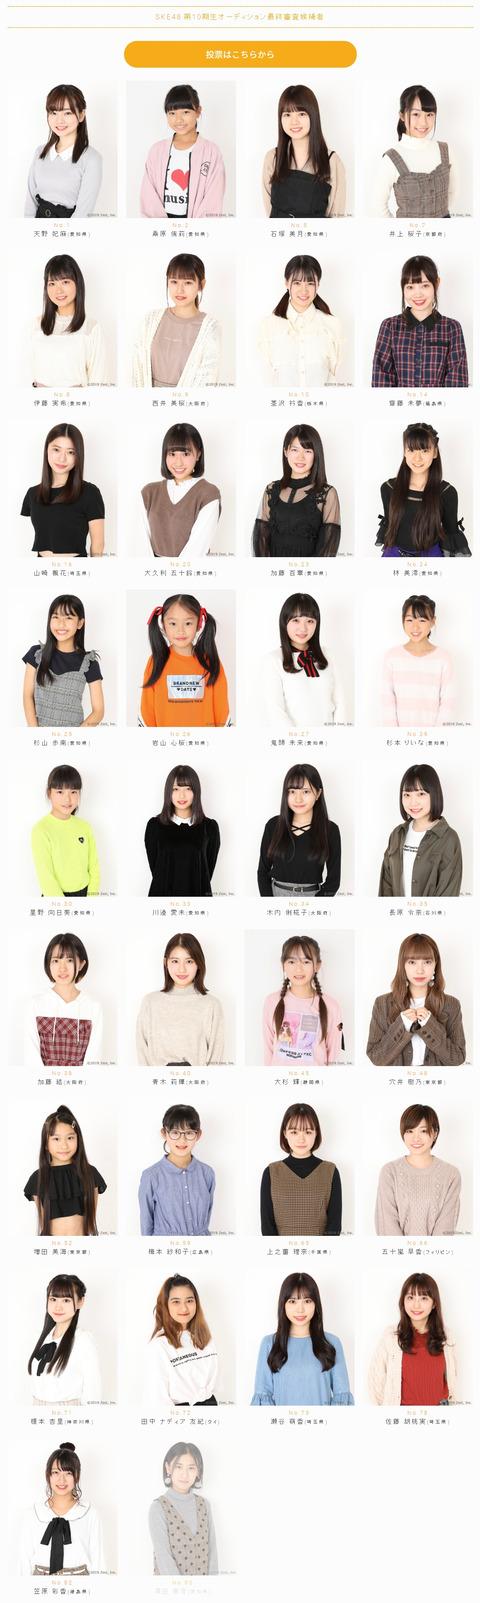 [SKE48] 34 candidats finaux pour la 10ème audition seront annoncés ...